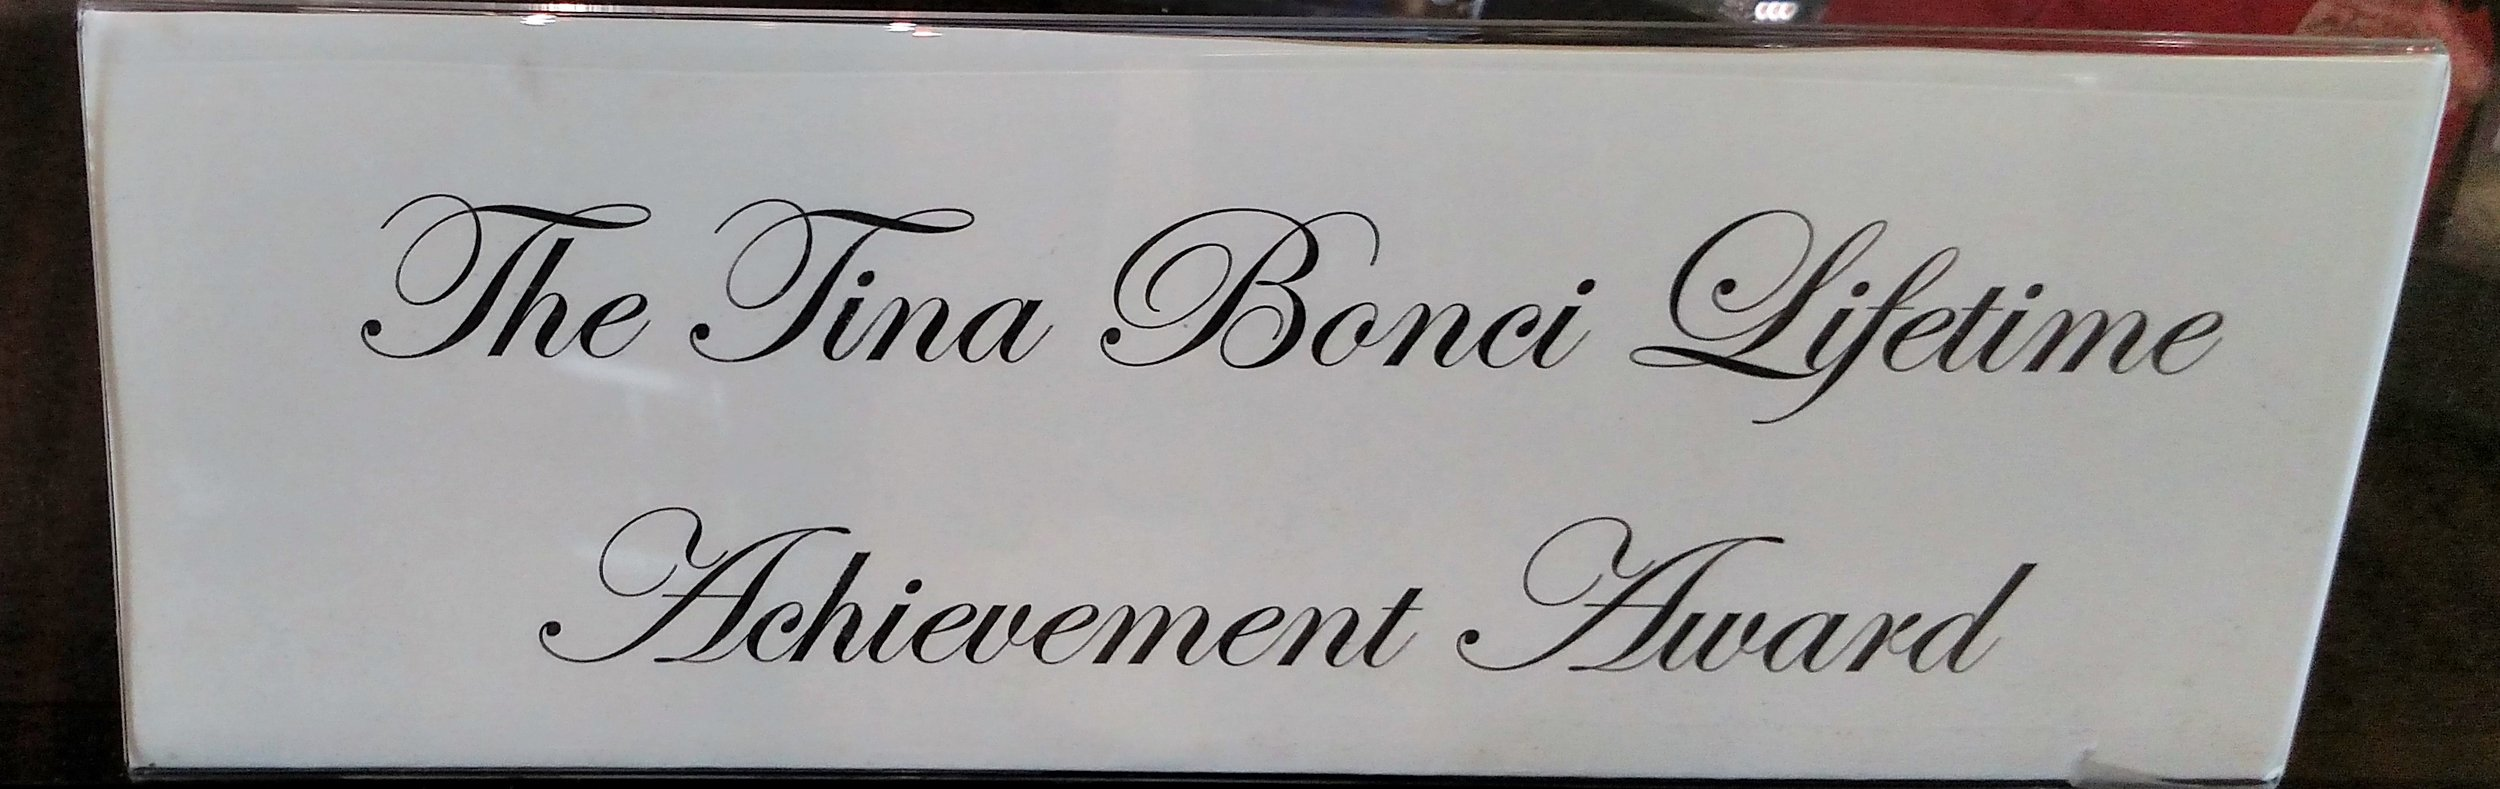 Tina Bonci